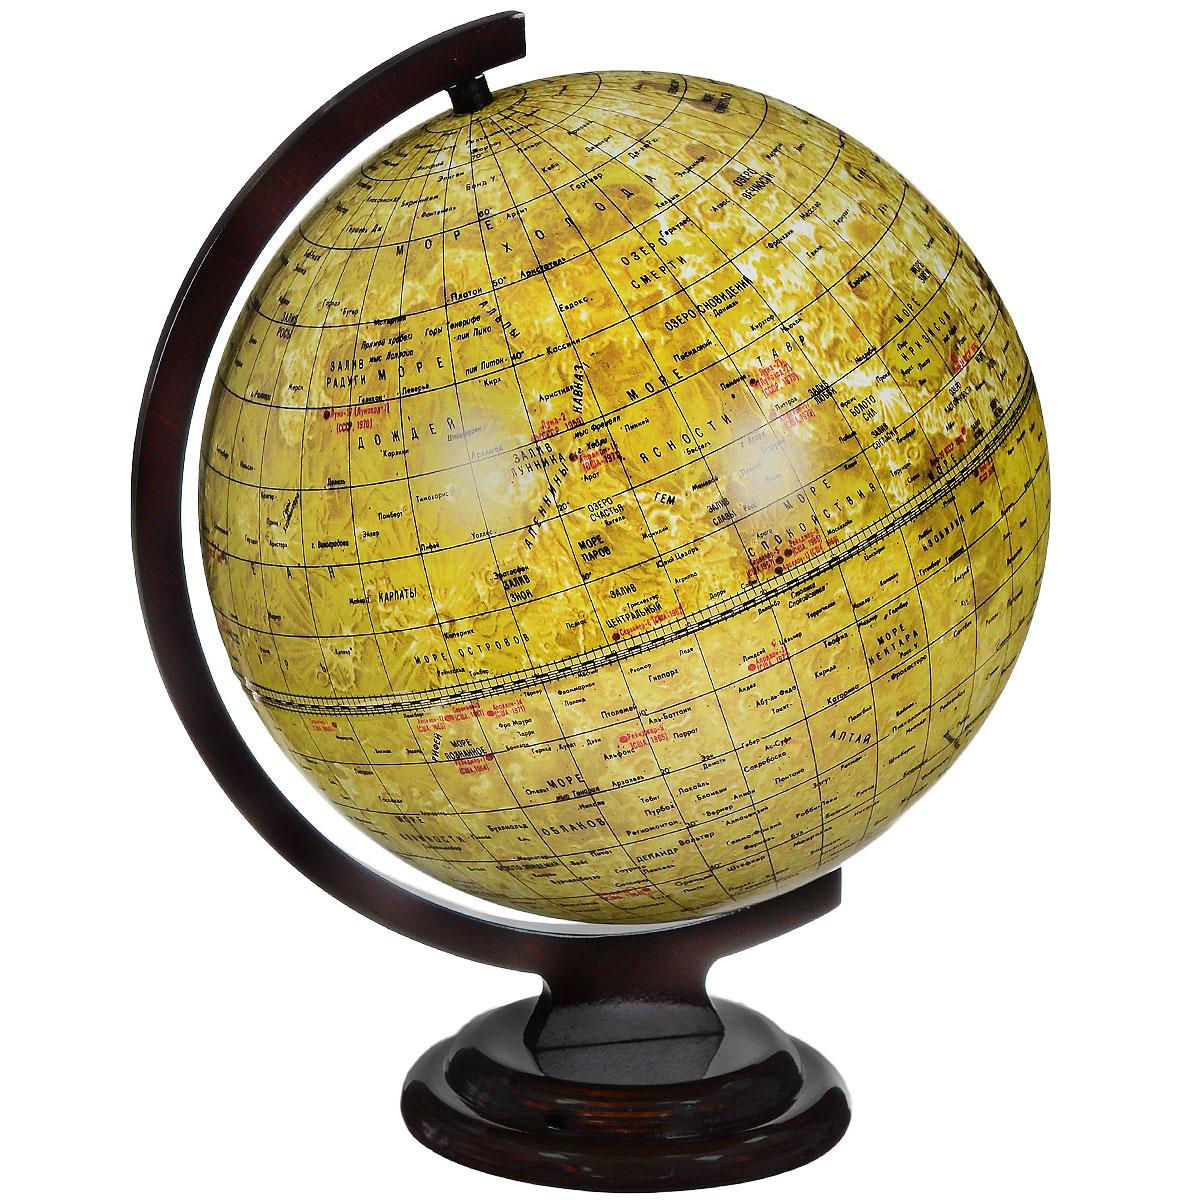 Глобусный мир Глобус Луны, диаметр 32 см10081Глобус Луны Глобусный мир, изготовлен из высококачественного прочного пластика.Данная модель предназначена для ознакомления с географией лунной поверхности. На глобусе указаны названия лунных морей, крупных и средних кратеров, возвышенностей, места посадки космических аппаратов.Такой глобус станет прекрасным подарком и учебным материалом для дальнейшего изучения астрономии. Изделие расположено на деревянной подставке.Настольный глобус Луны Глобусный мир станет оригинальным украшением рабочего стола или вашего кабинета. Это изысканная вещь для стильного интерьера, которая станет прекрасным подарком для современного преуспевающего человека, следующего последним тенденциям моды и стремящегося к элегантности и комфорту в каждой детали.Масштаб: 1:40 000 000.